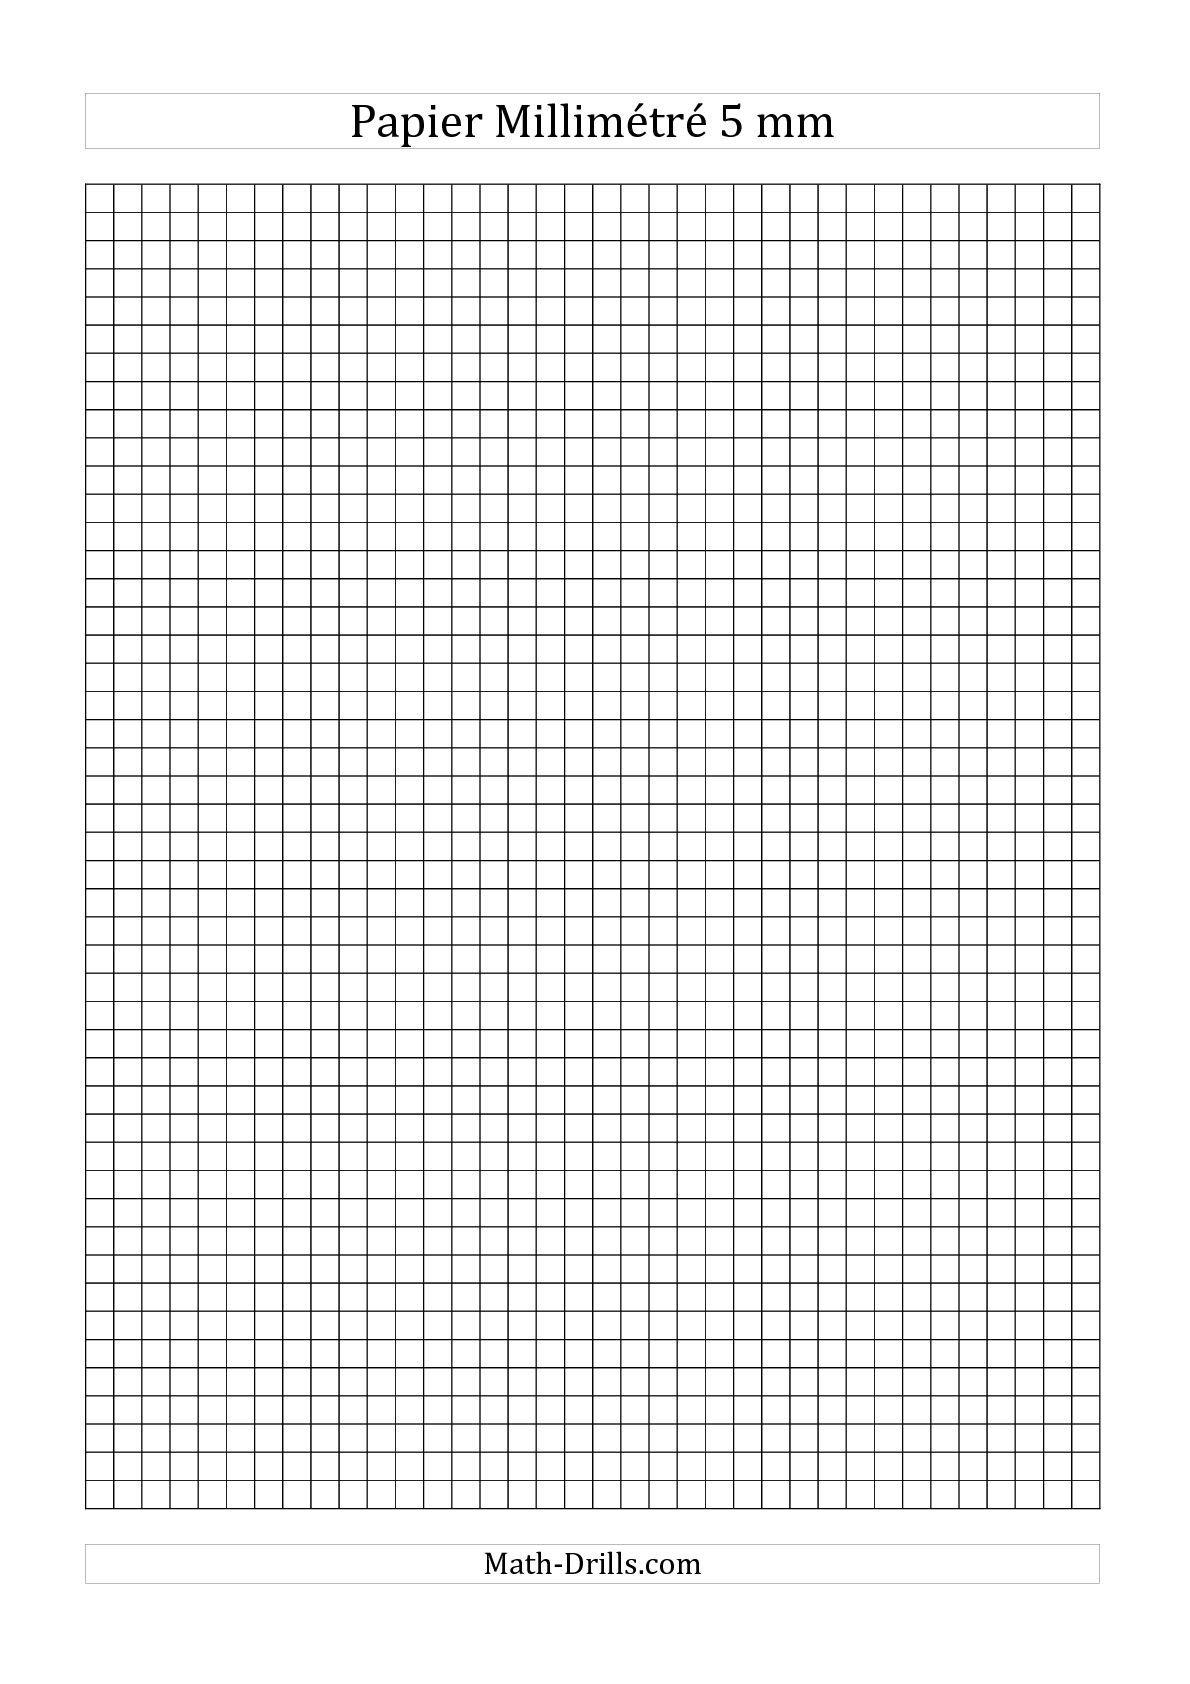 Papier Millimétré 5mm Noir Mathslibres Papier